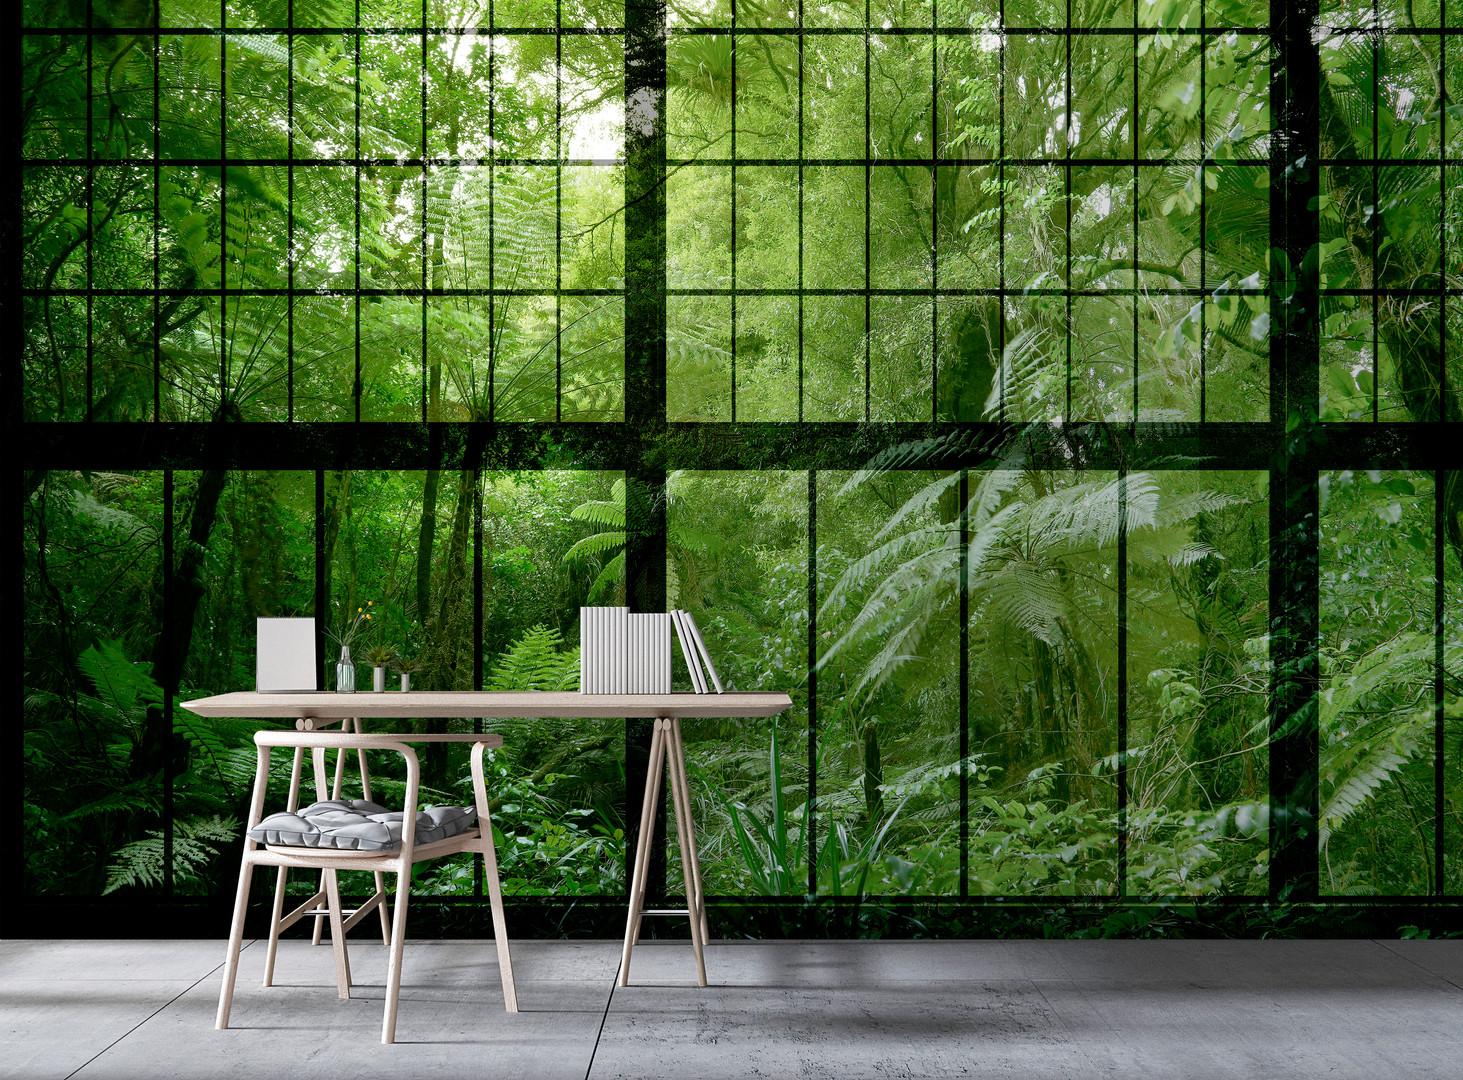 103-wbpii_rainforest_02.jpg